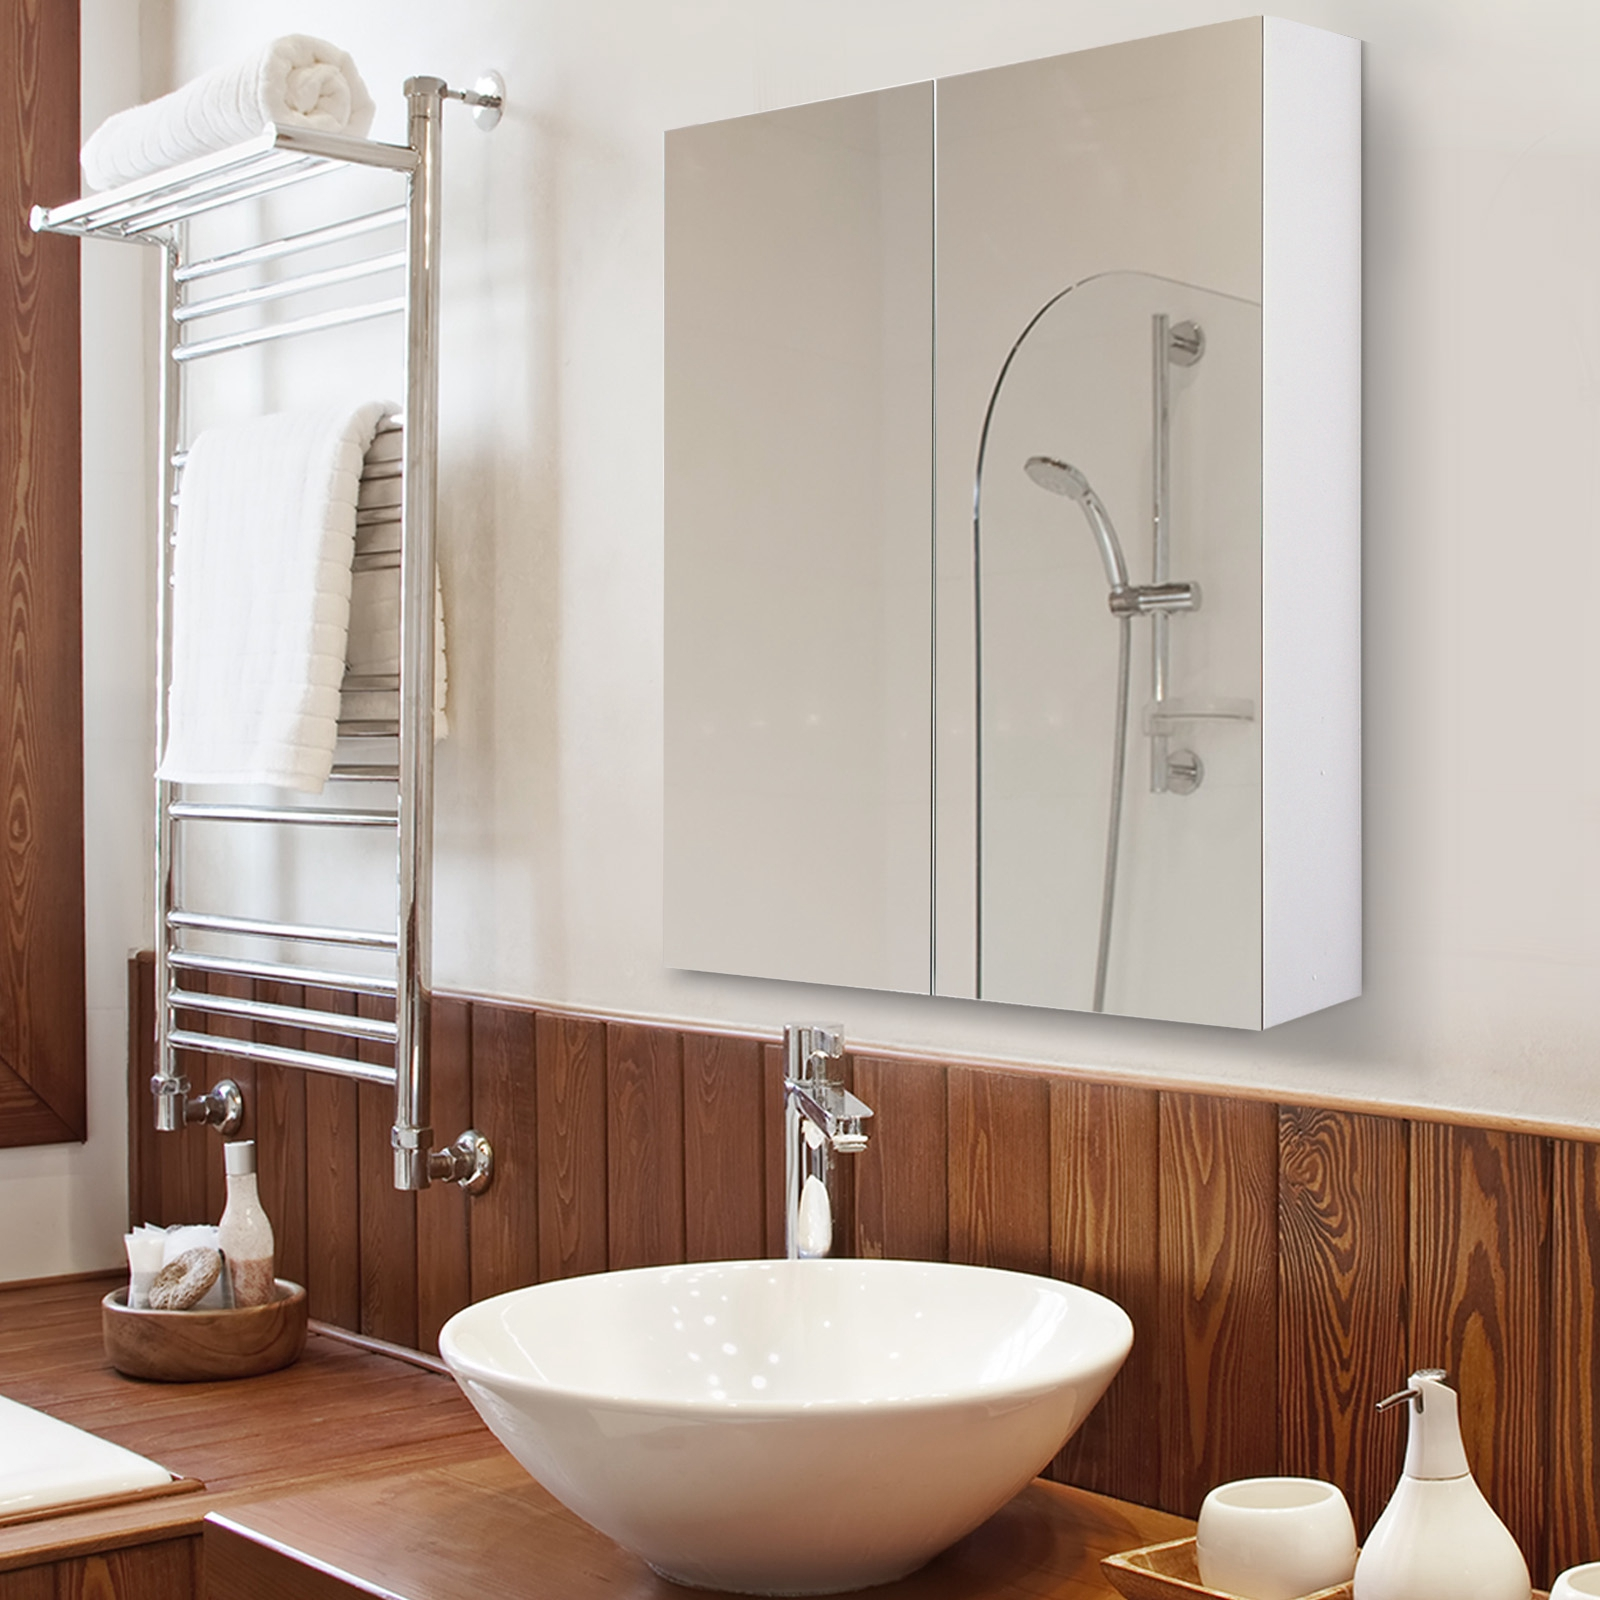 Details Sur Homcom Armoire Meuble Salle De Bain Avec Miroir Rangement En Bois Mdf Blanc